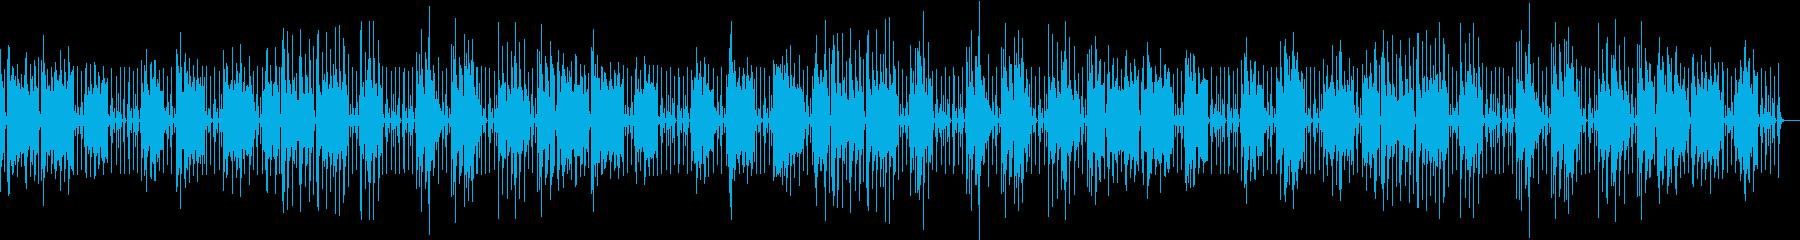 のんきにゆるいほのぼのbgmの再生済みの波形